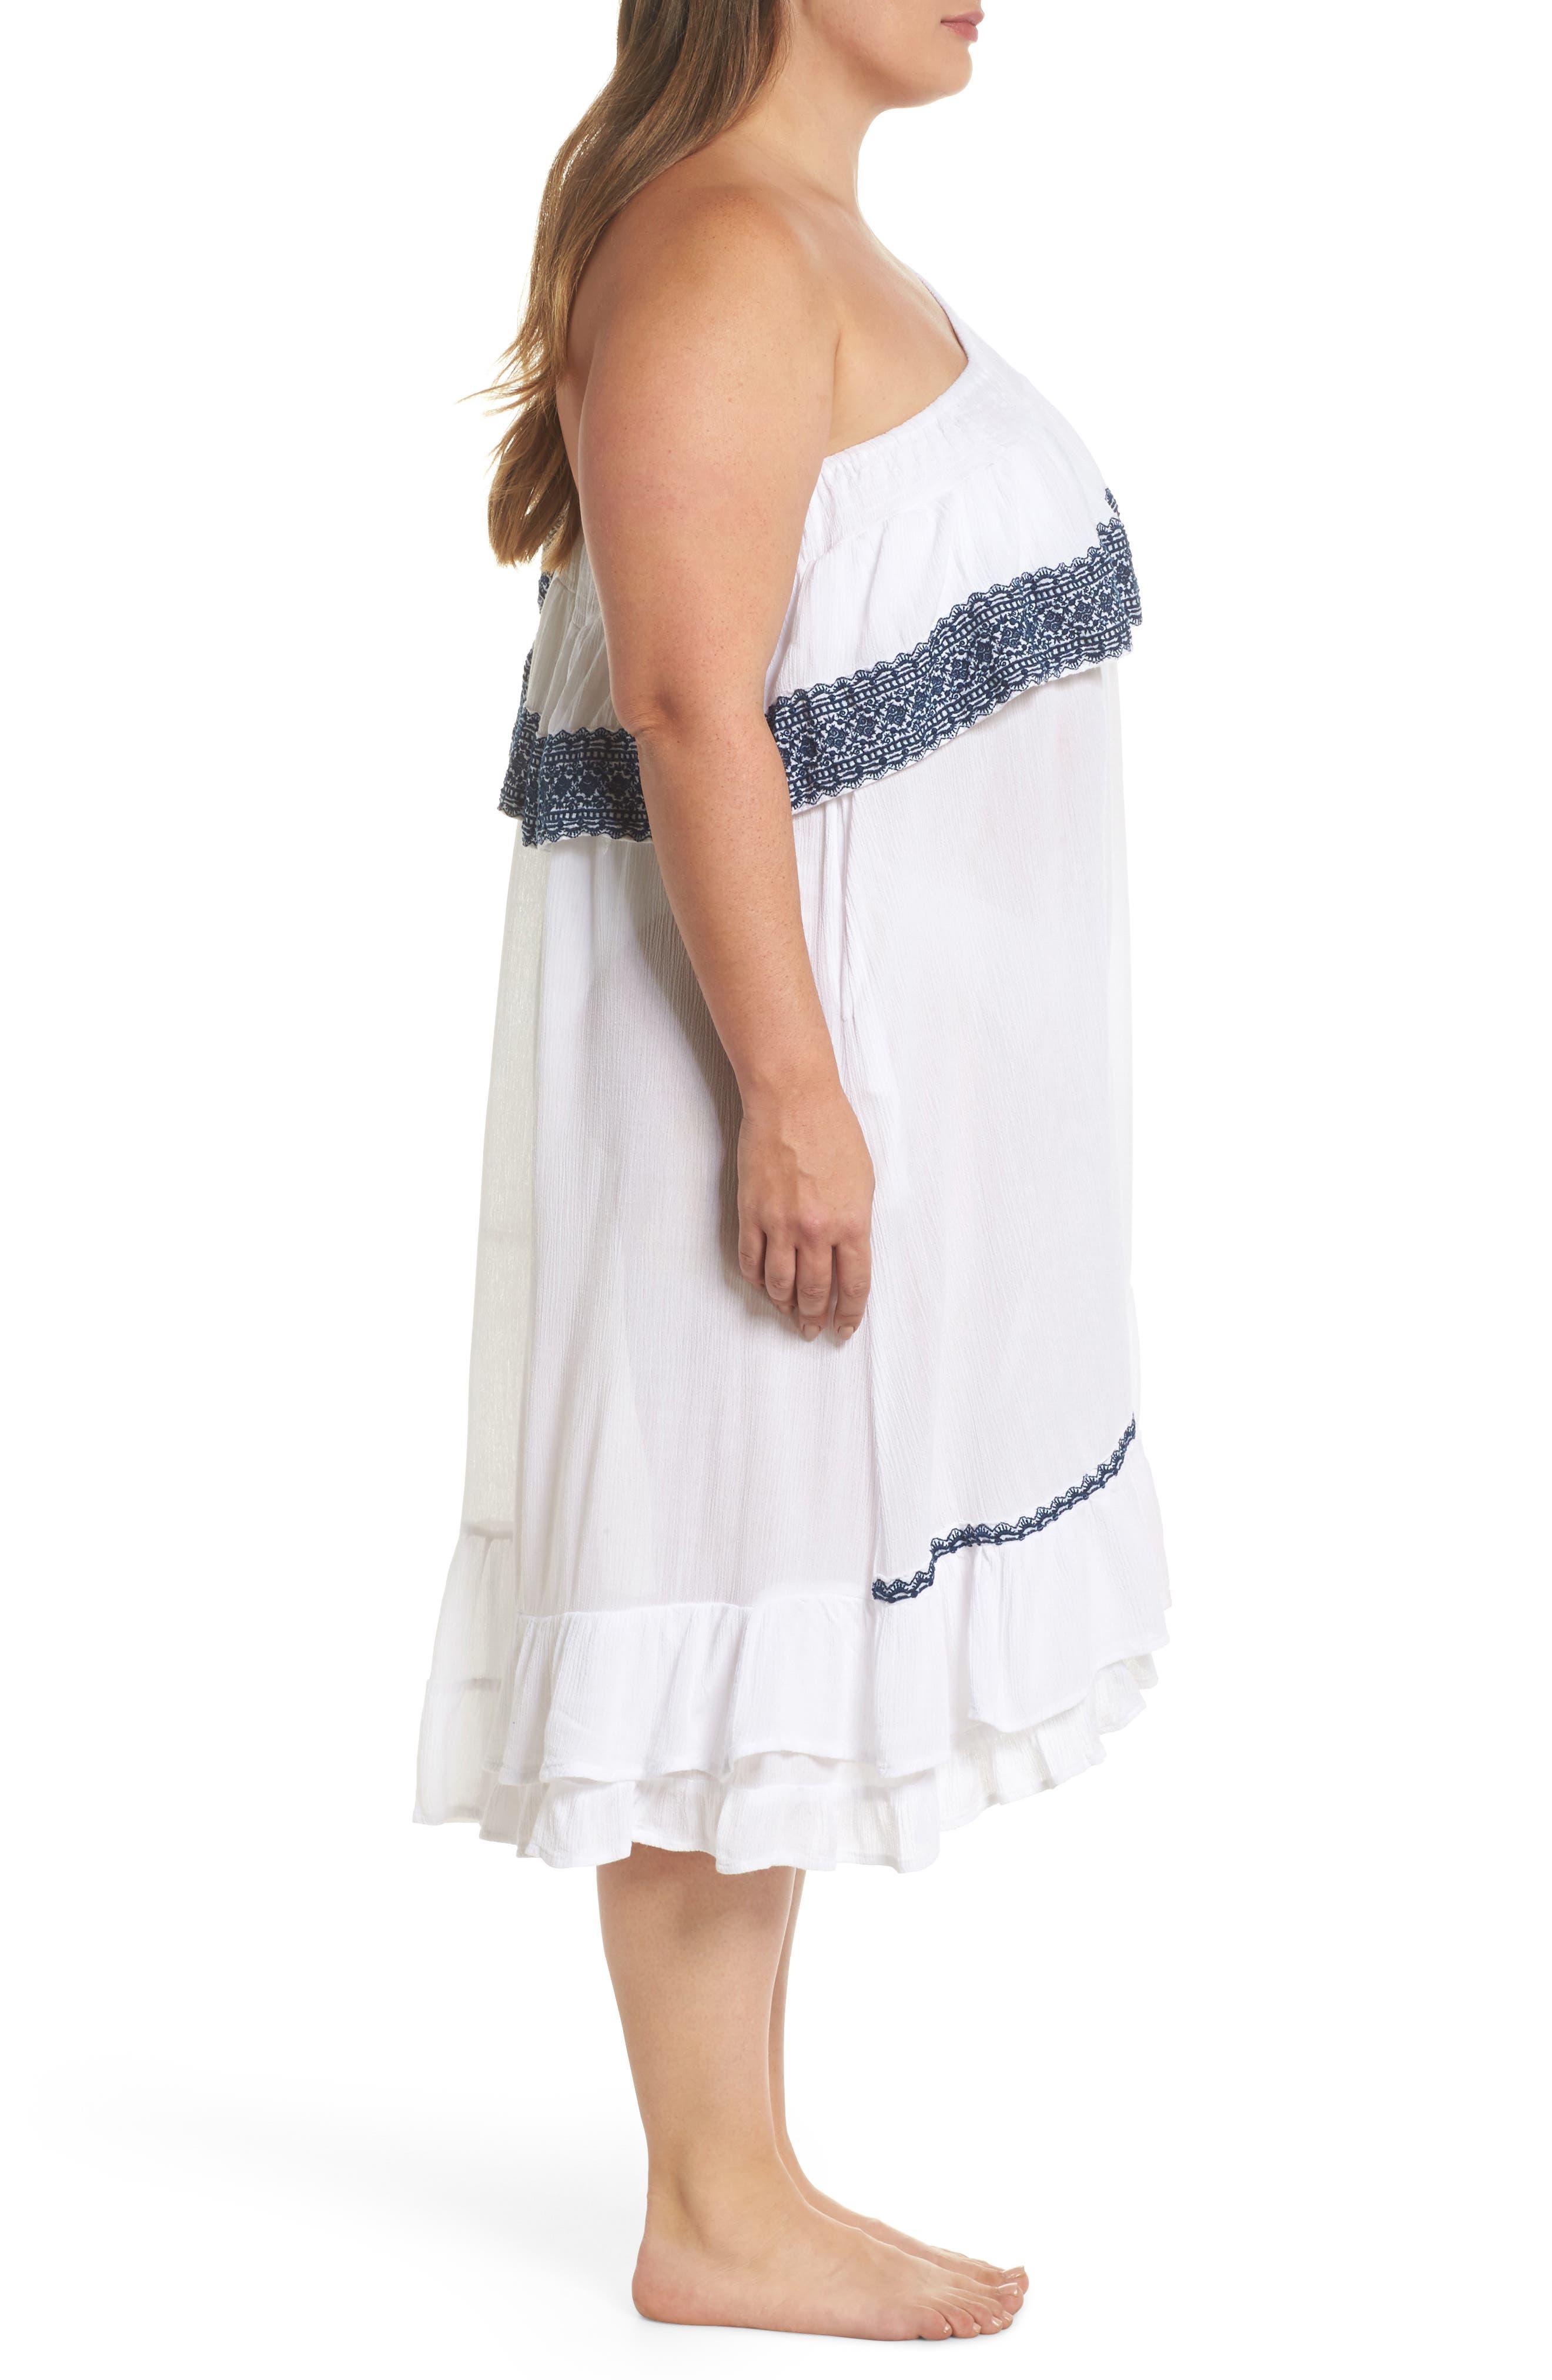 Gavin One-Shoulder Cover-Up Dress,                             Alternate thumbnail 3, color,                             White/ Navy